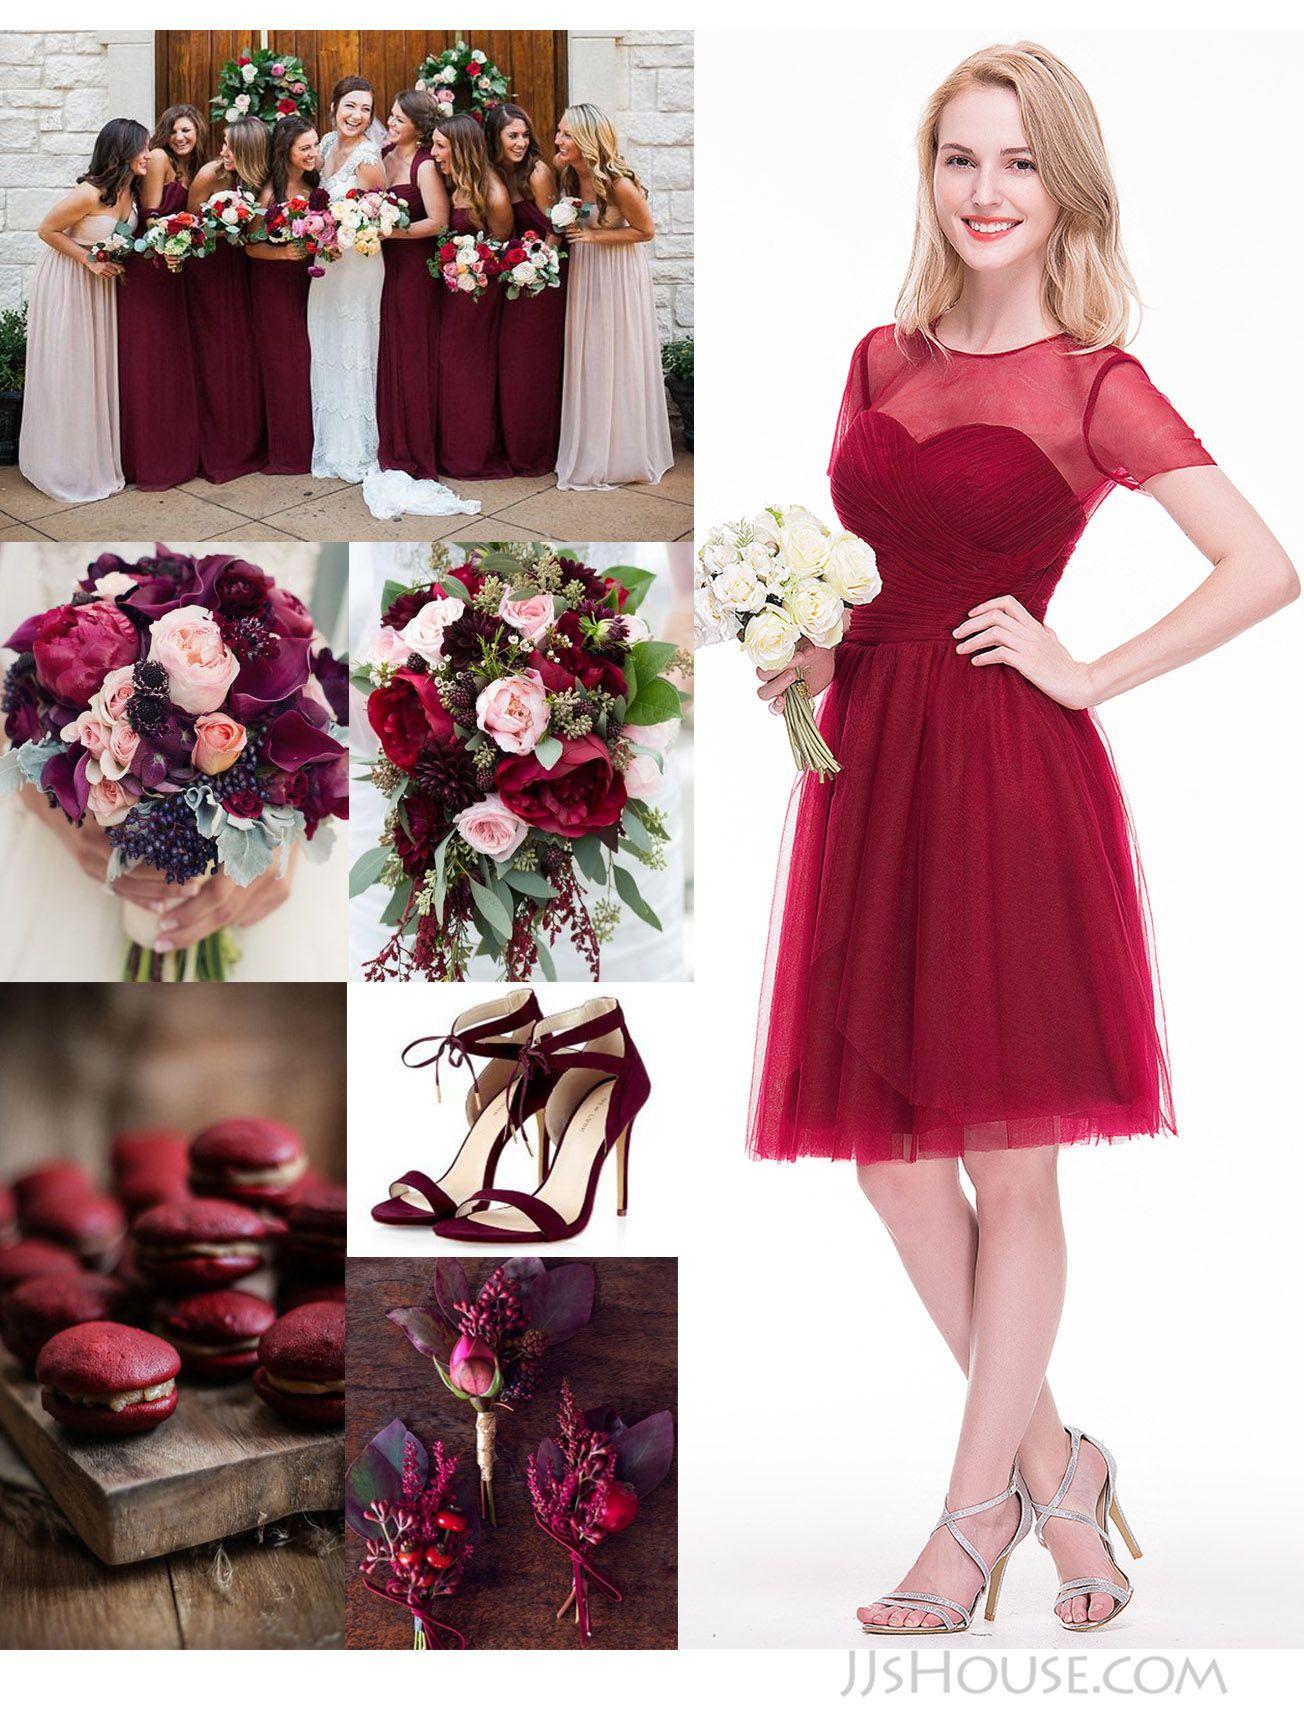 Most popular bridesmaids dress colors